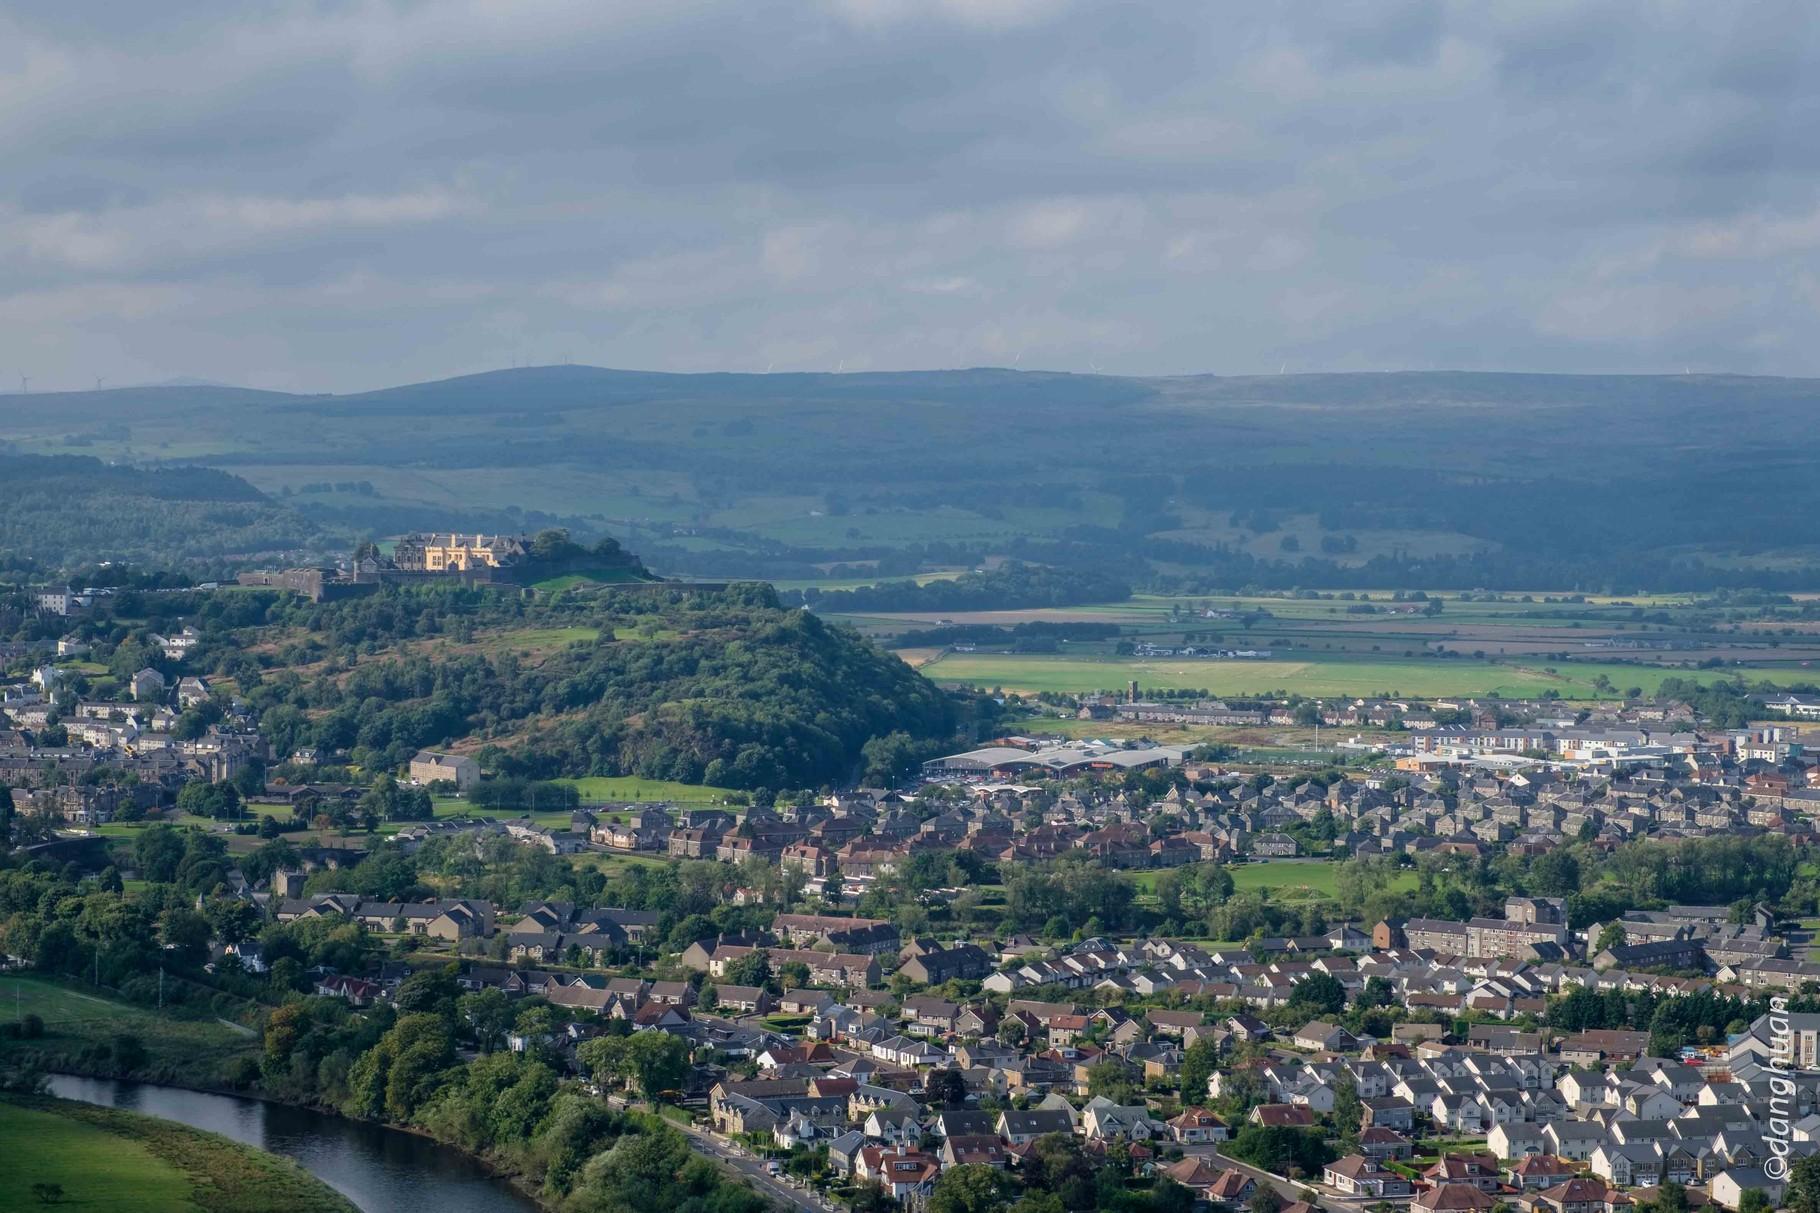 La ville et le château de Stirling qui a joué un rôle important dans l'histoire Ecossaise